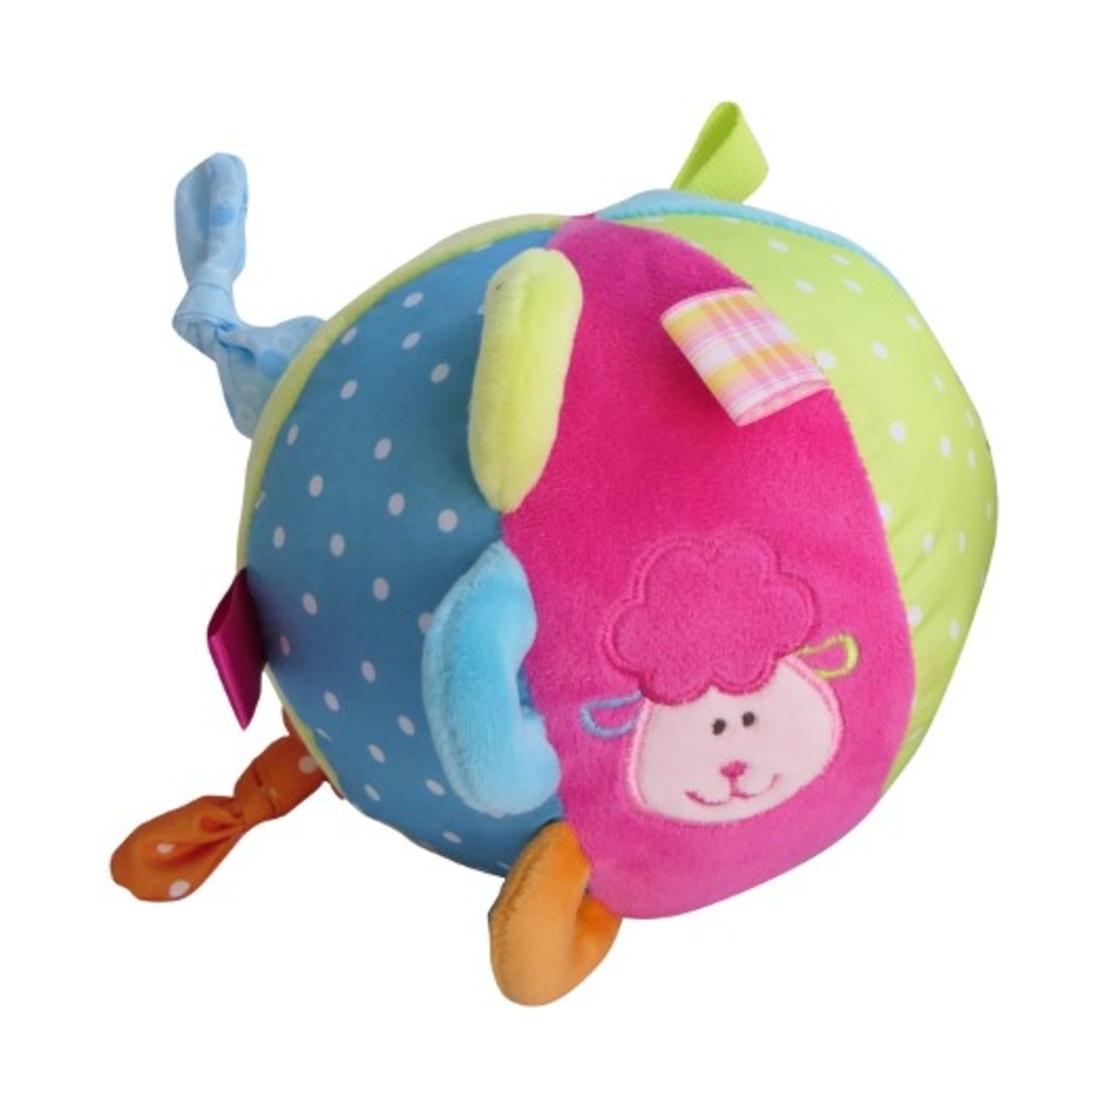 49# - ילדה של אבא : מתנה לתינוקת המתוקה בקופסת בד לצעצועים המכילה ספר בד, שמיכה, כדור תחושות קטיפתי , בובת מקל מרשרשת וכובע